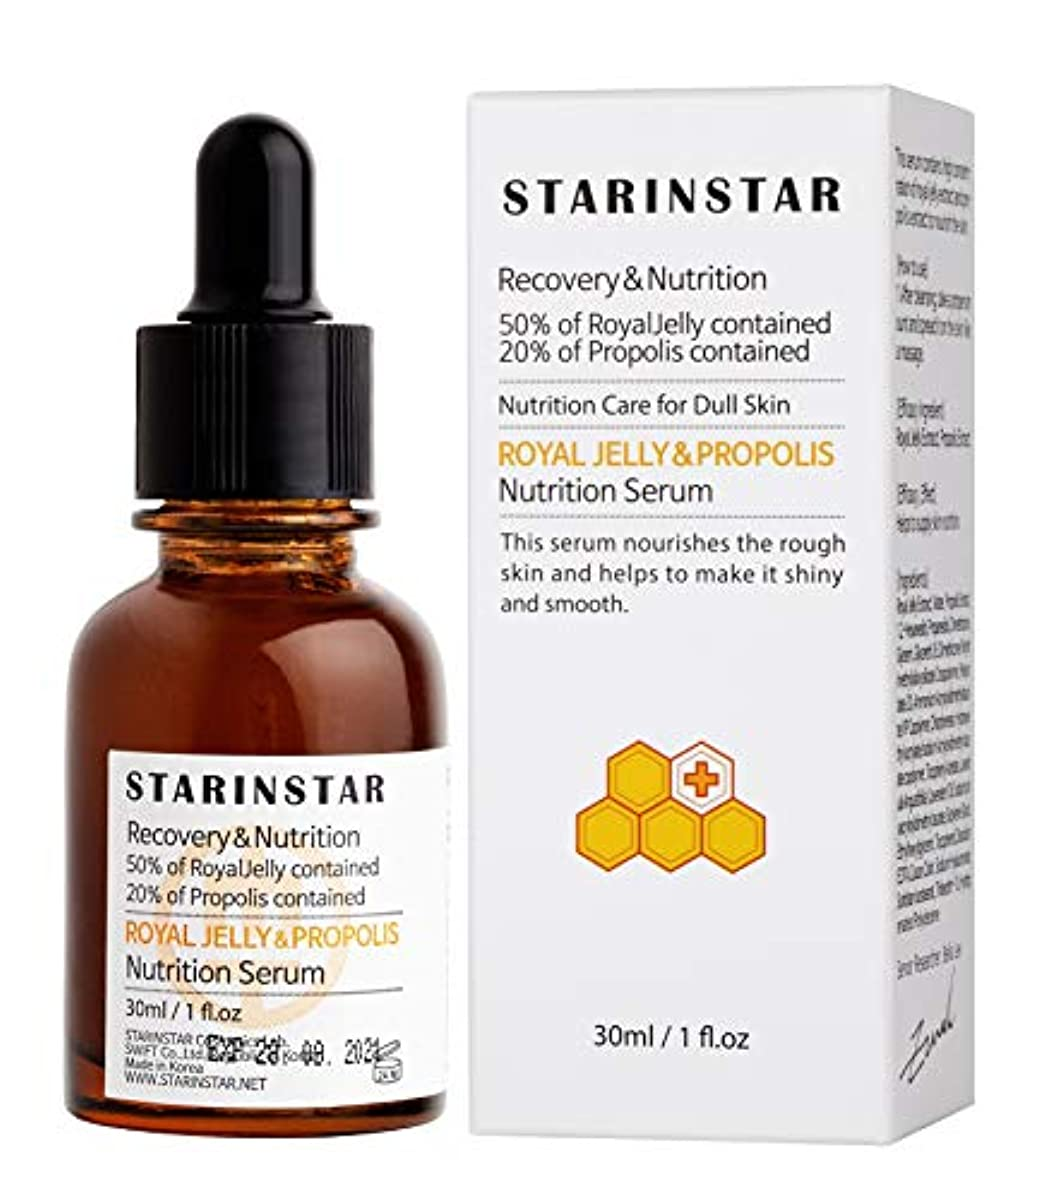 困惑する脱獄うつ[STARINSTAR] ロイヤルゼリー&プロポリス栄養セラム、リカバリー、栄養ケア用ラフスキン、ロイヤルゼリーの50%、プロポリス20%、30ml / 1 fl.oz